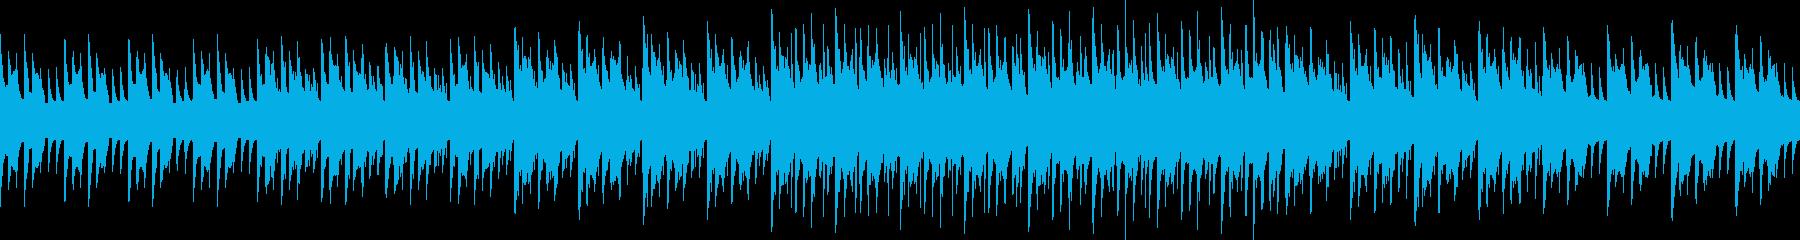 感動的、ピコピコしたファミコンぽいBGMの再生済みの波形